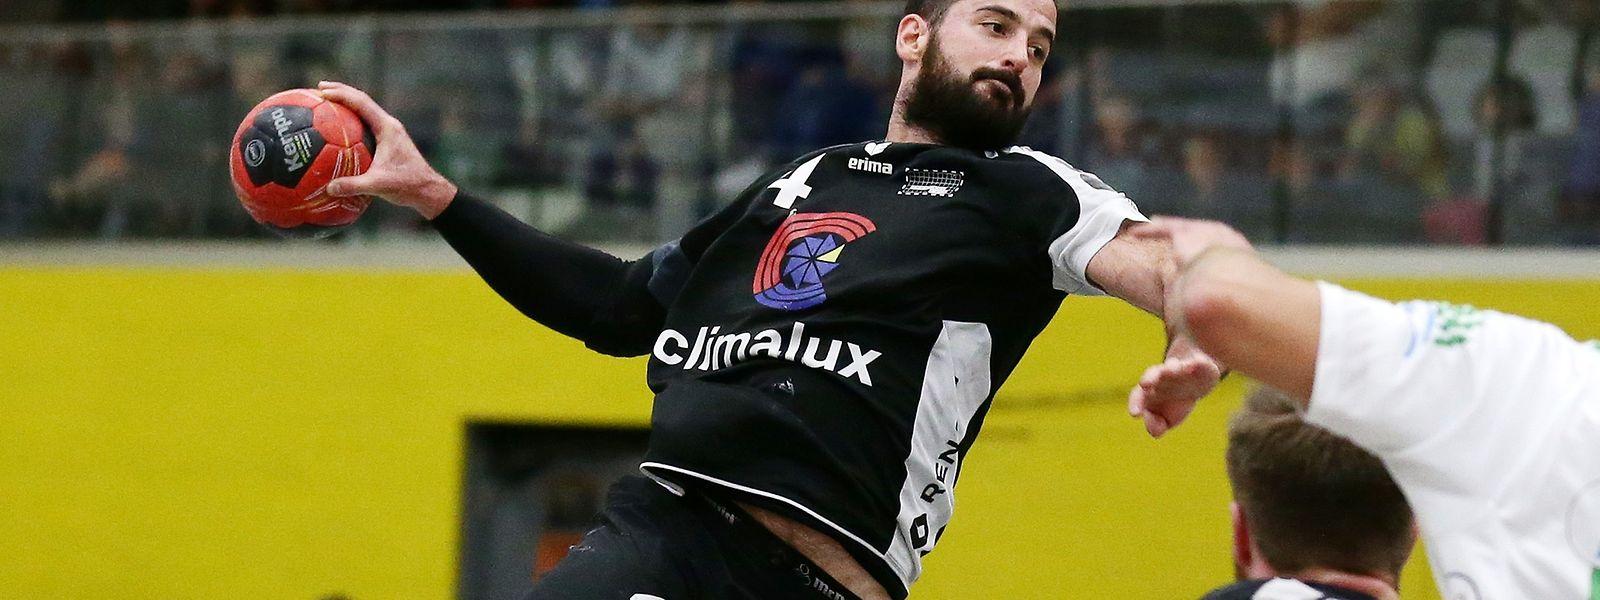 Martin Muller feierte mit dem HB Esch einen gelungenen Saisonauftakt.